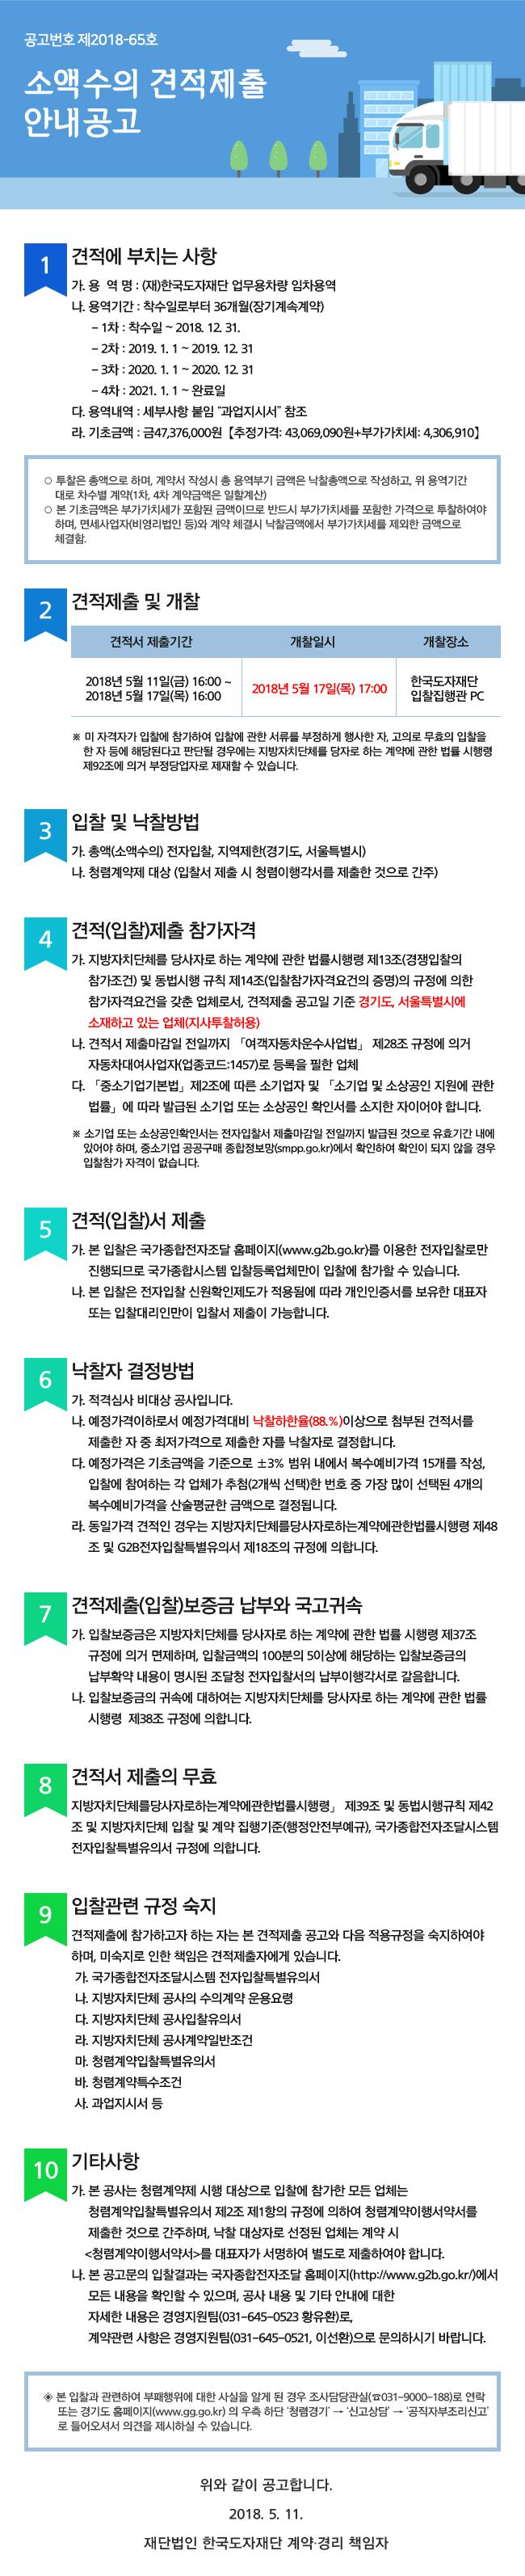 (재)한국도자재단 업무용차량 임차용역